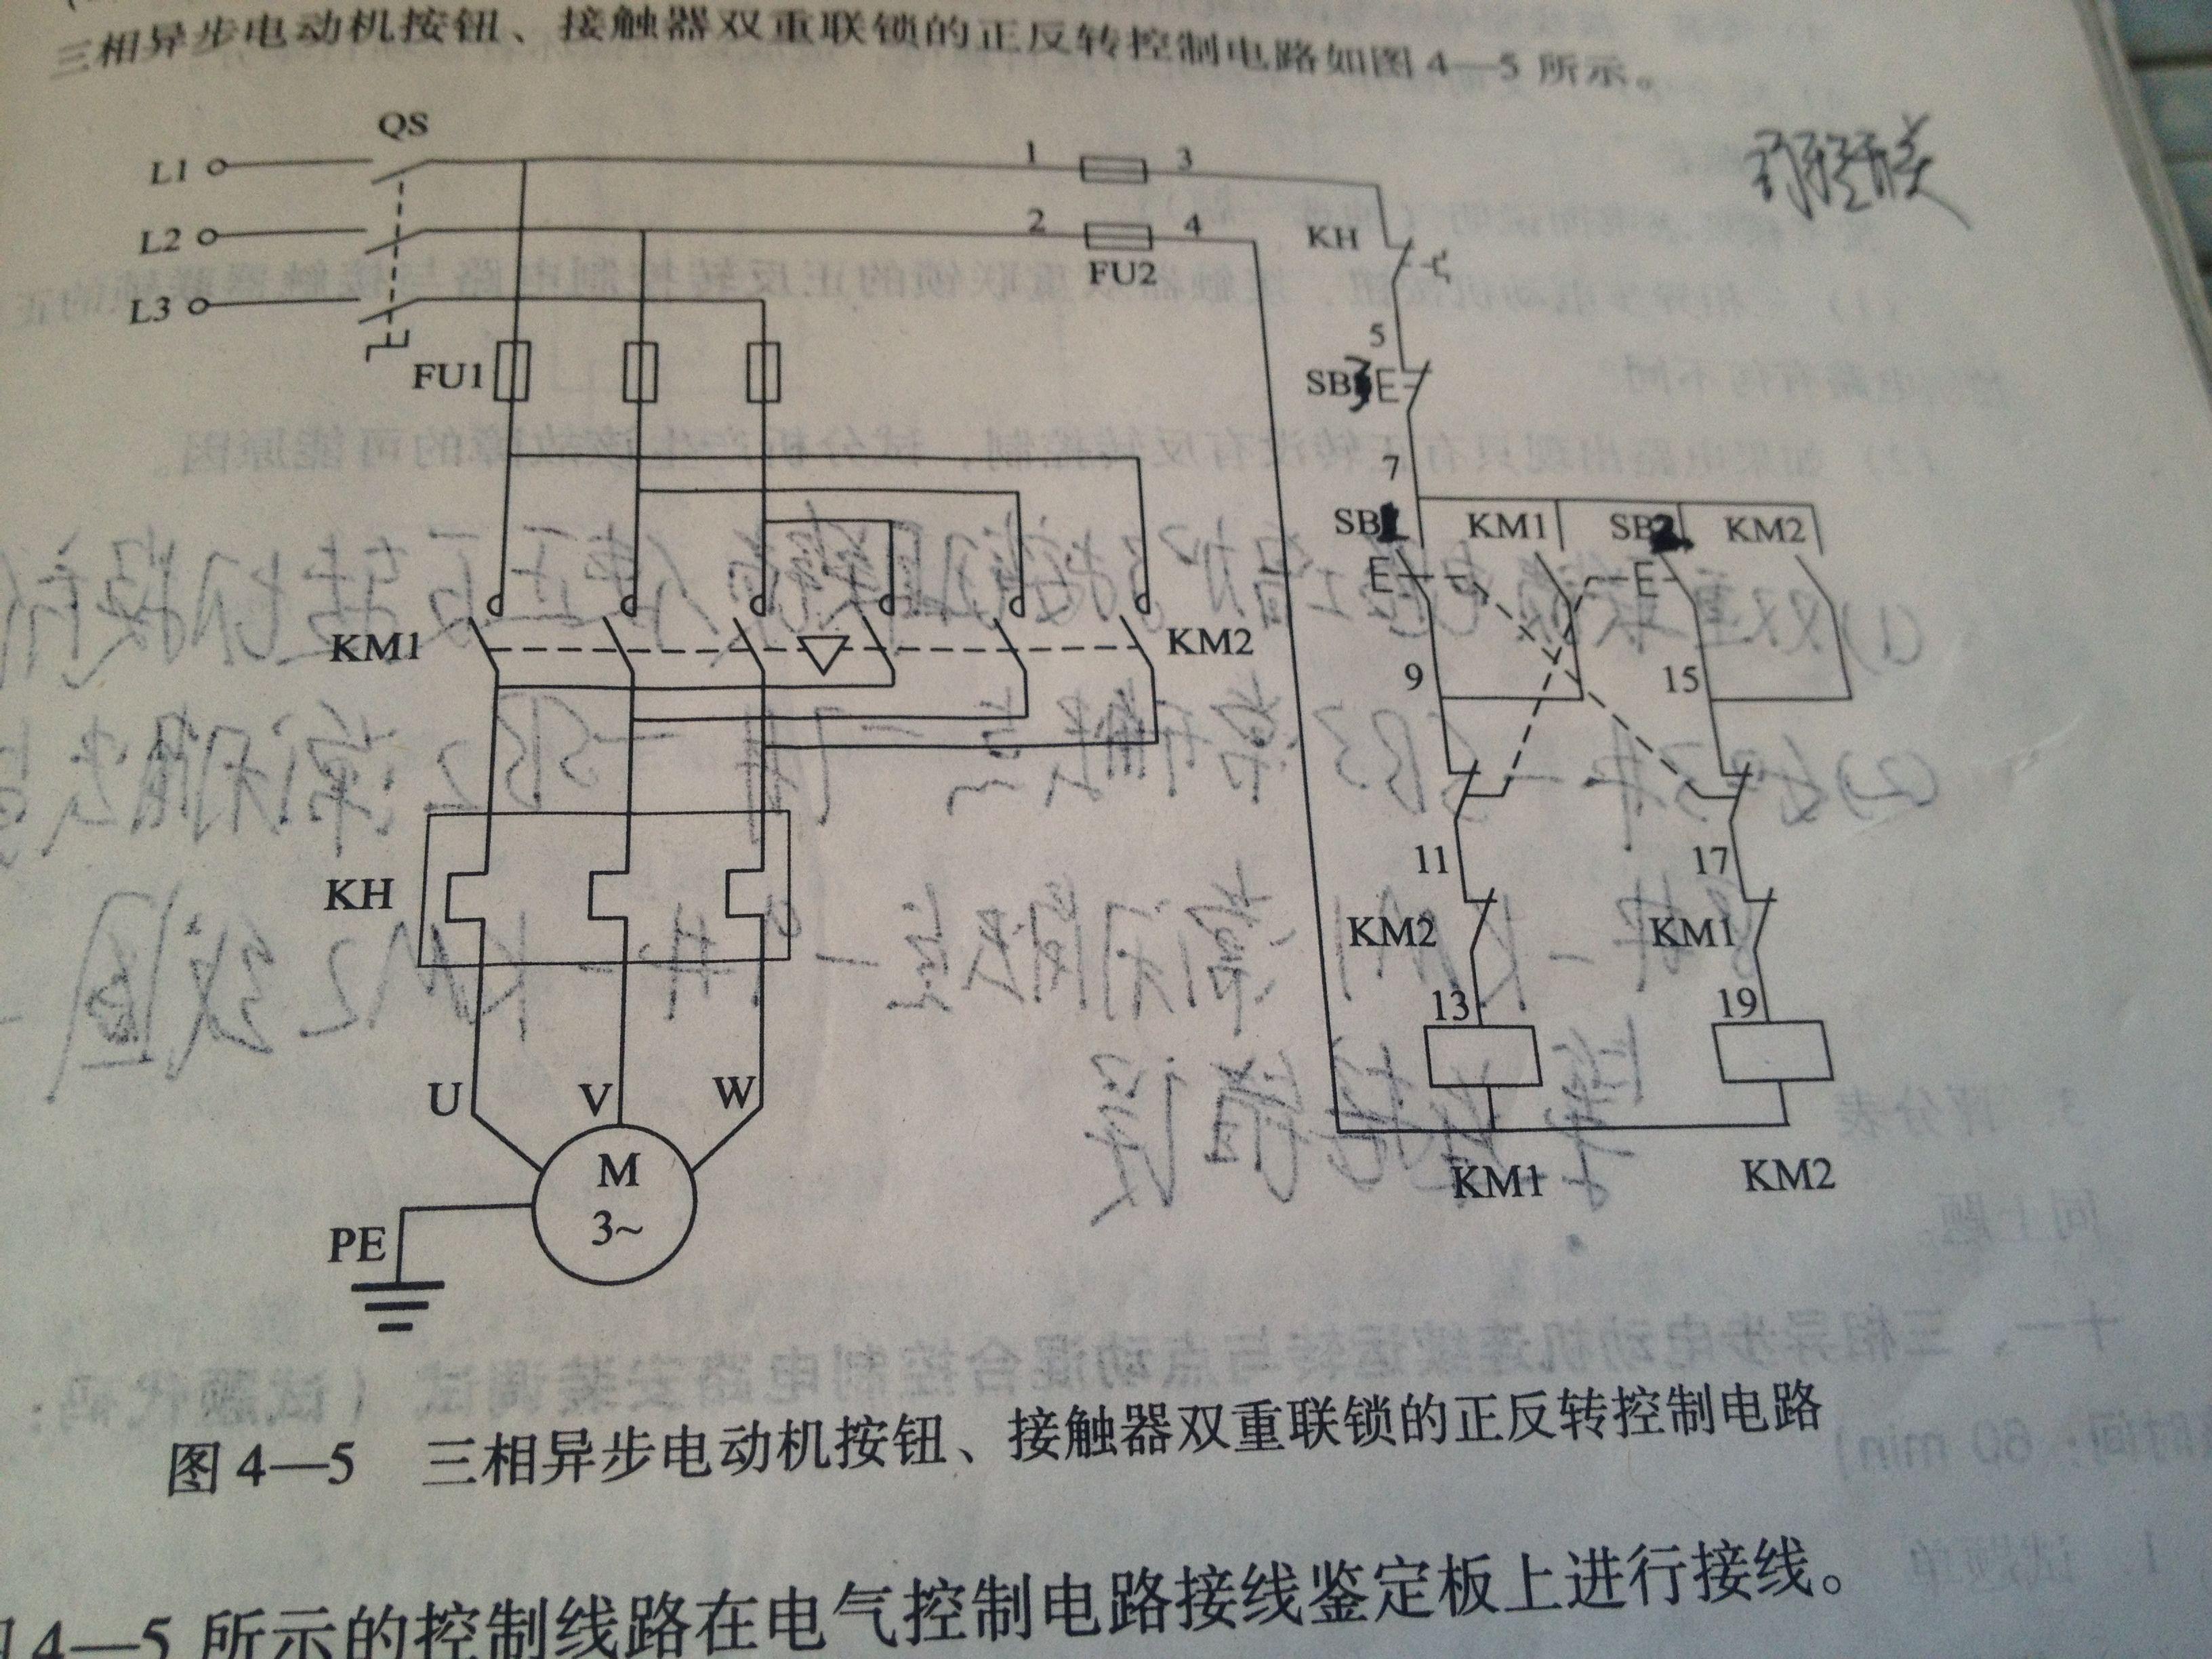 请写出双重联锁正反转控制电路接线步骤